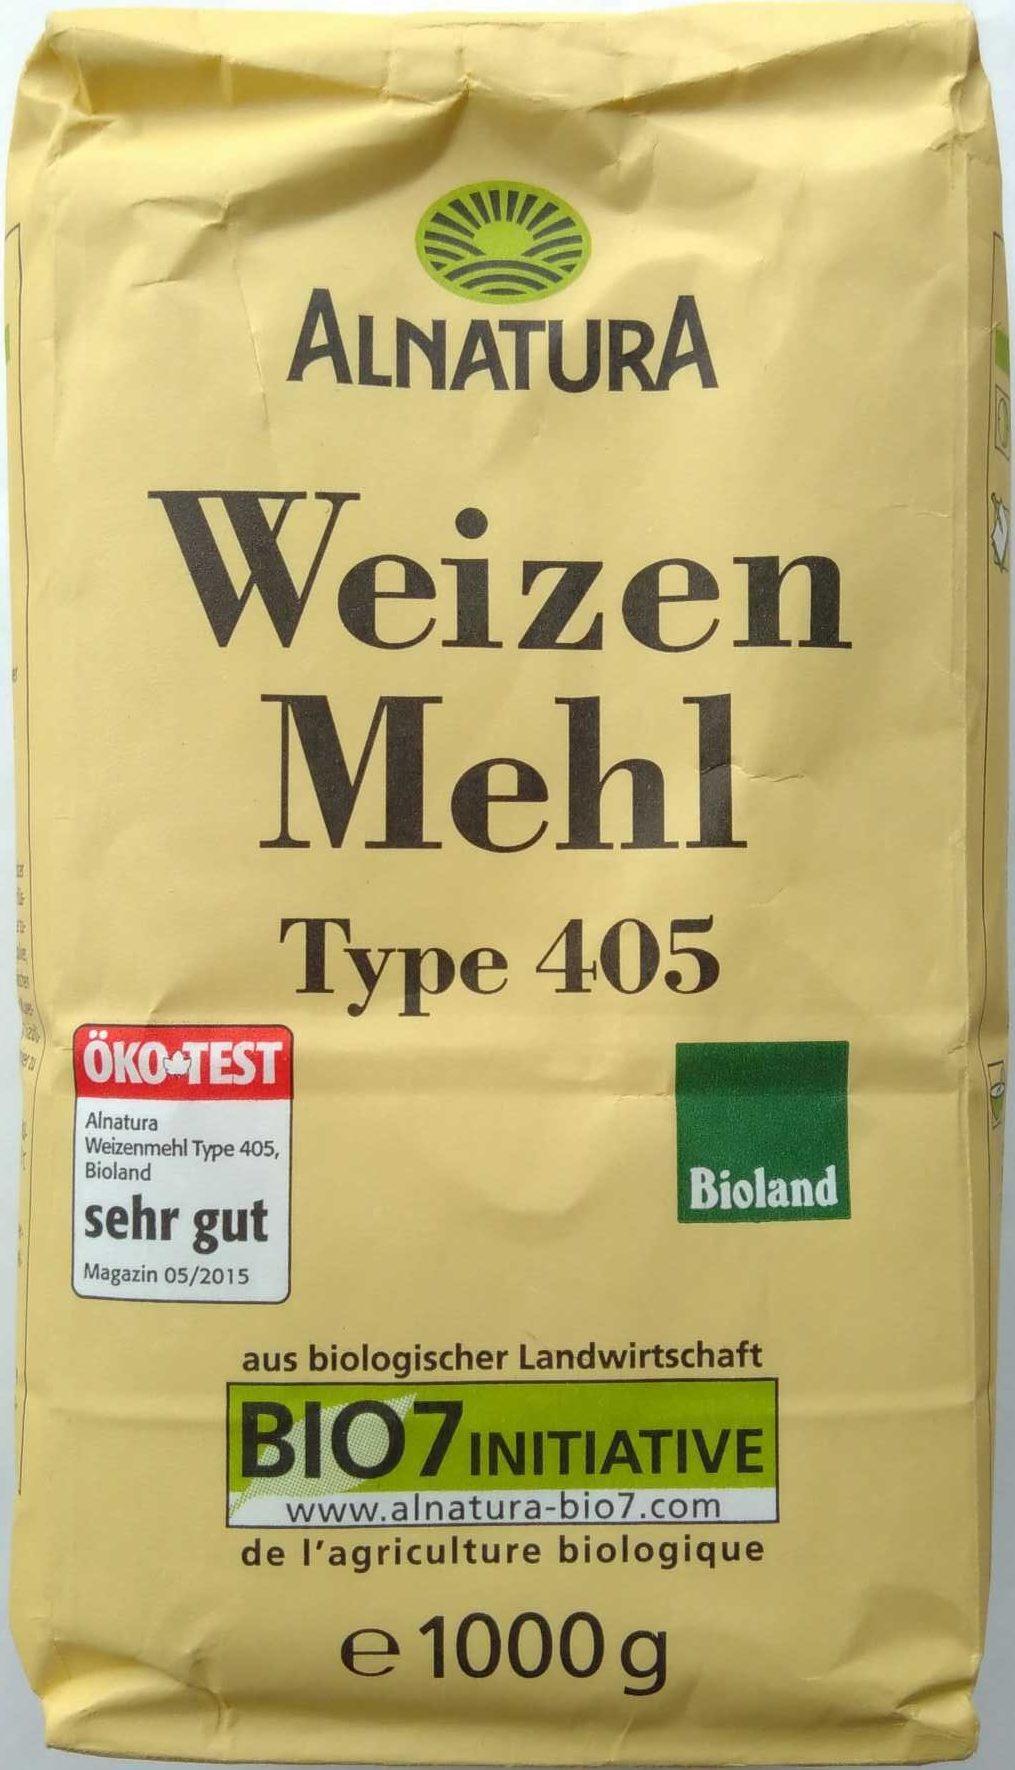 Weizenmehl Type 405 - Produkt - de